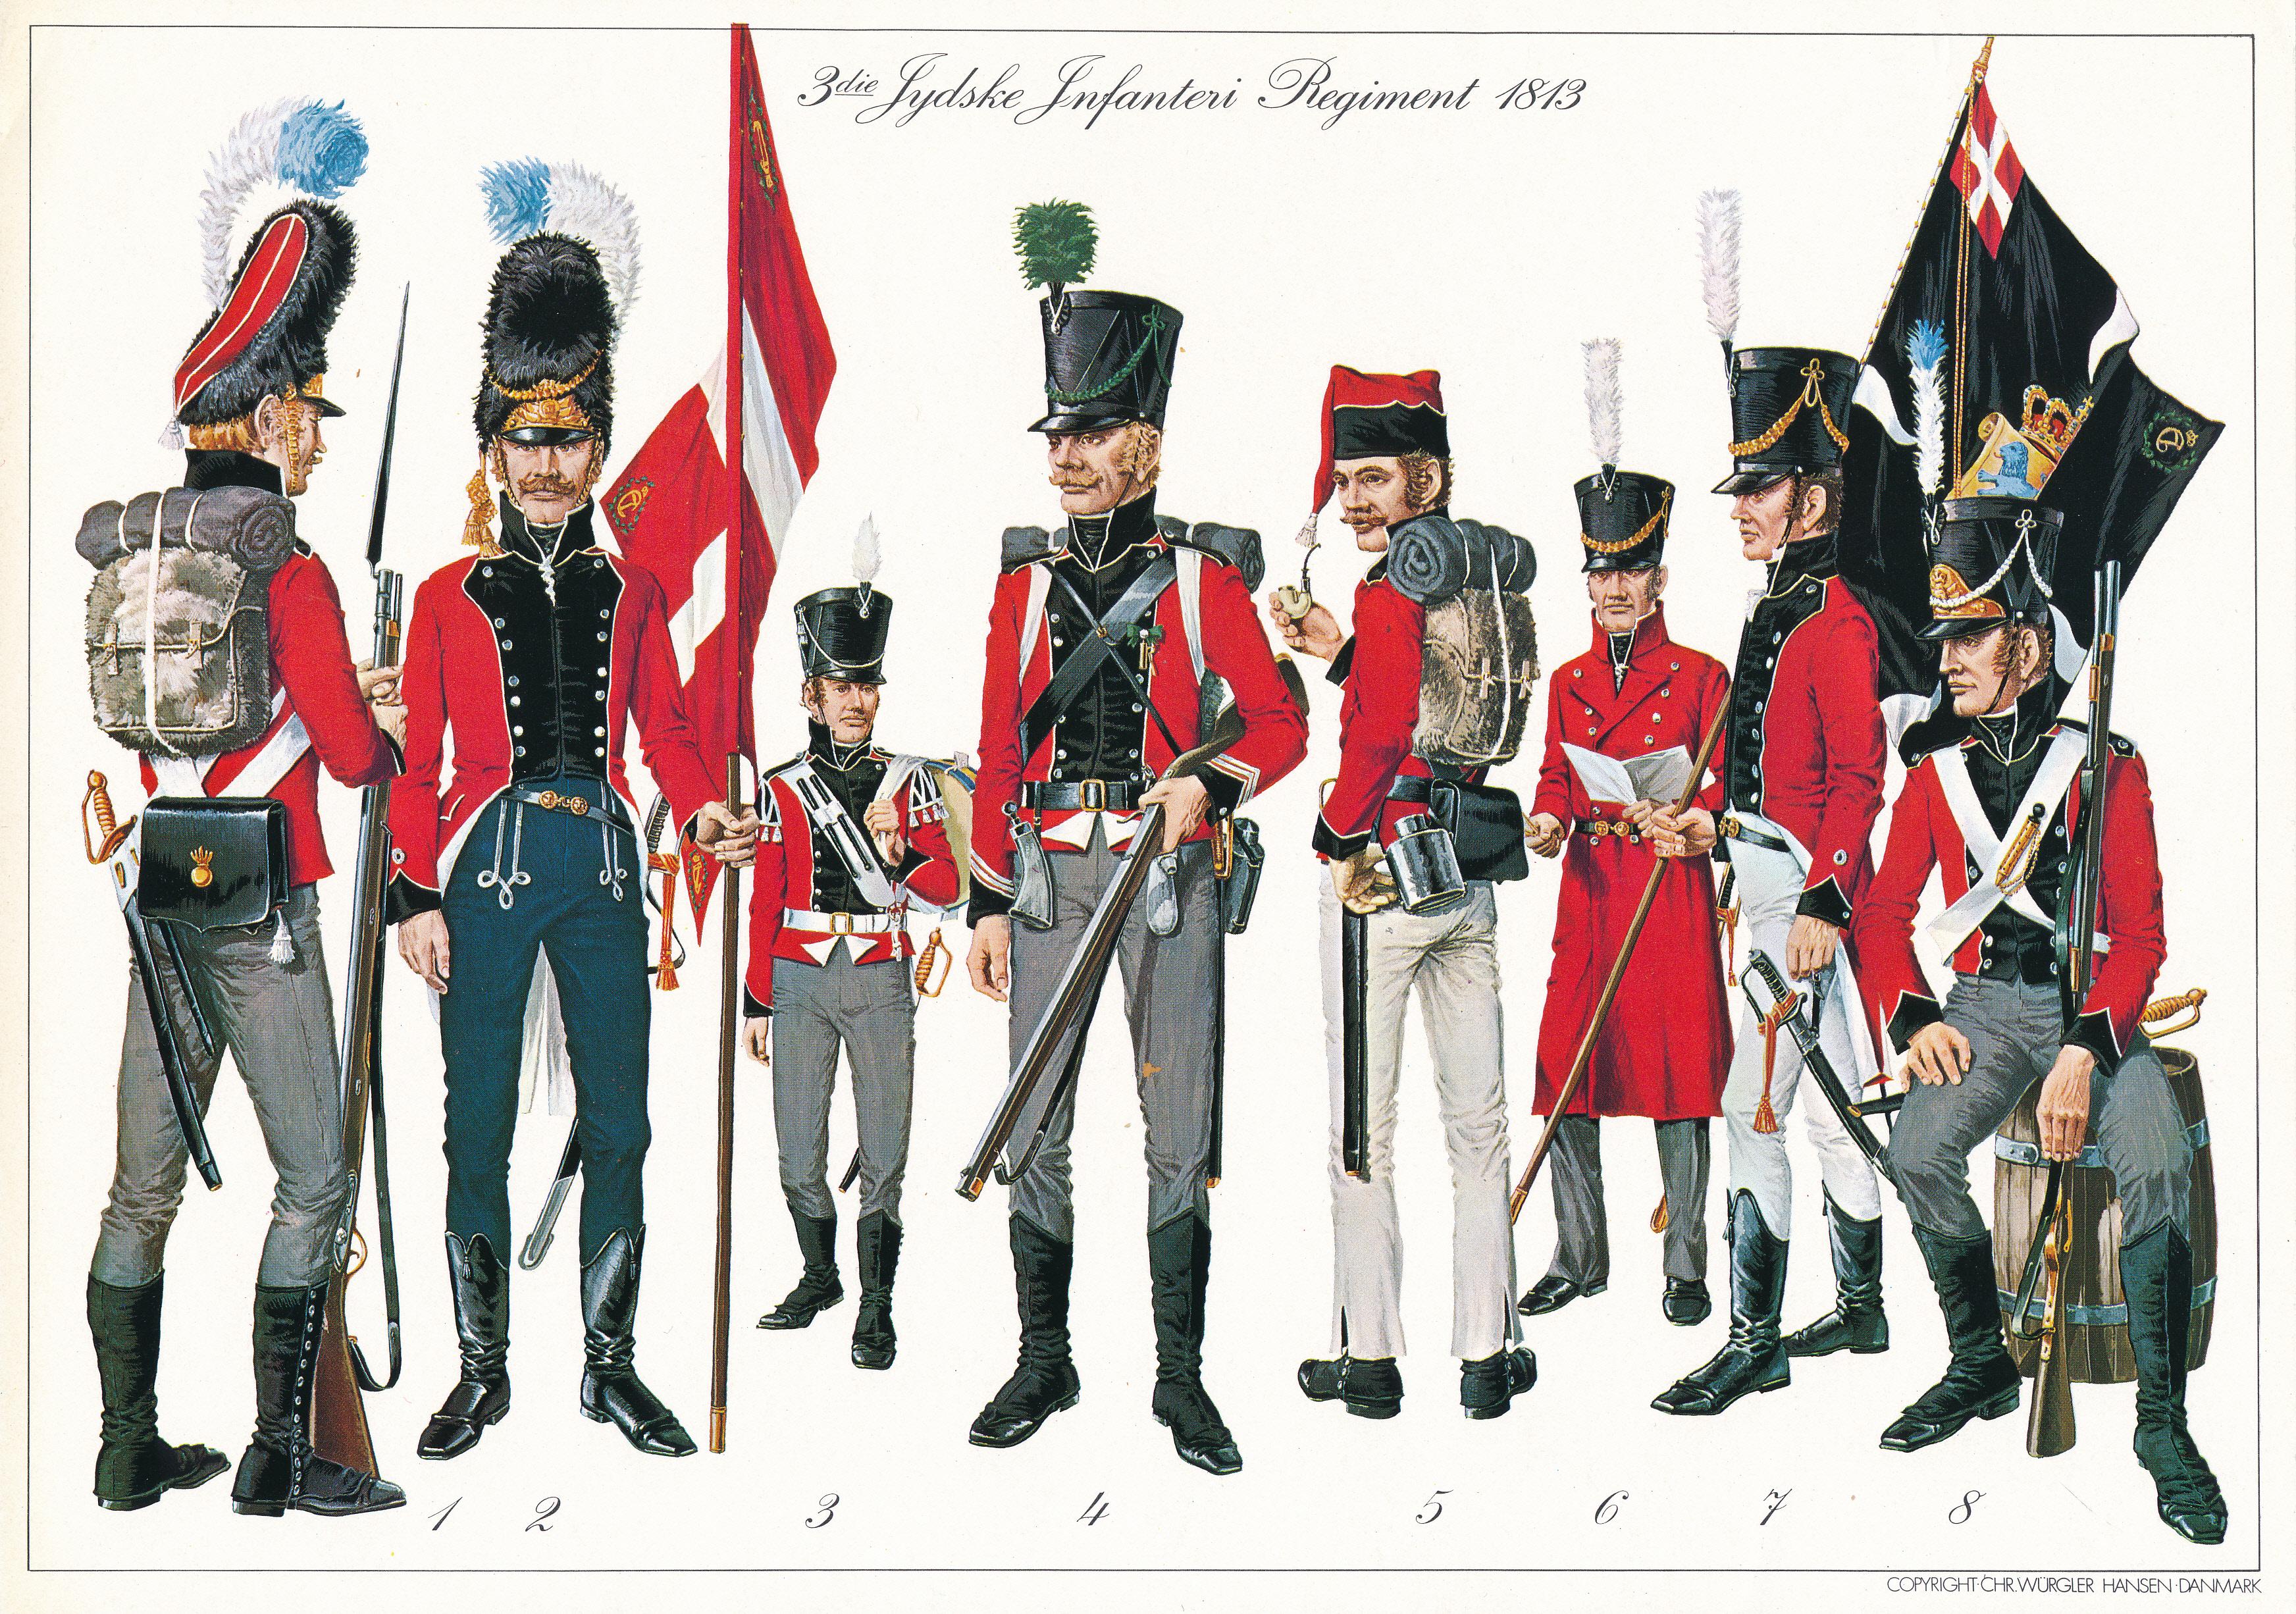 3die jydske infanterie regiment 1813, tegnet af chr. wür